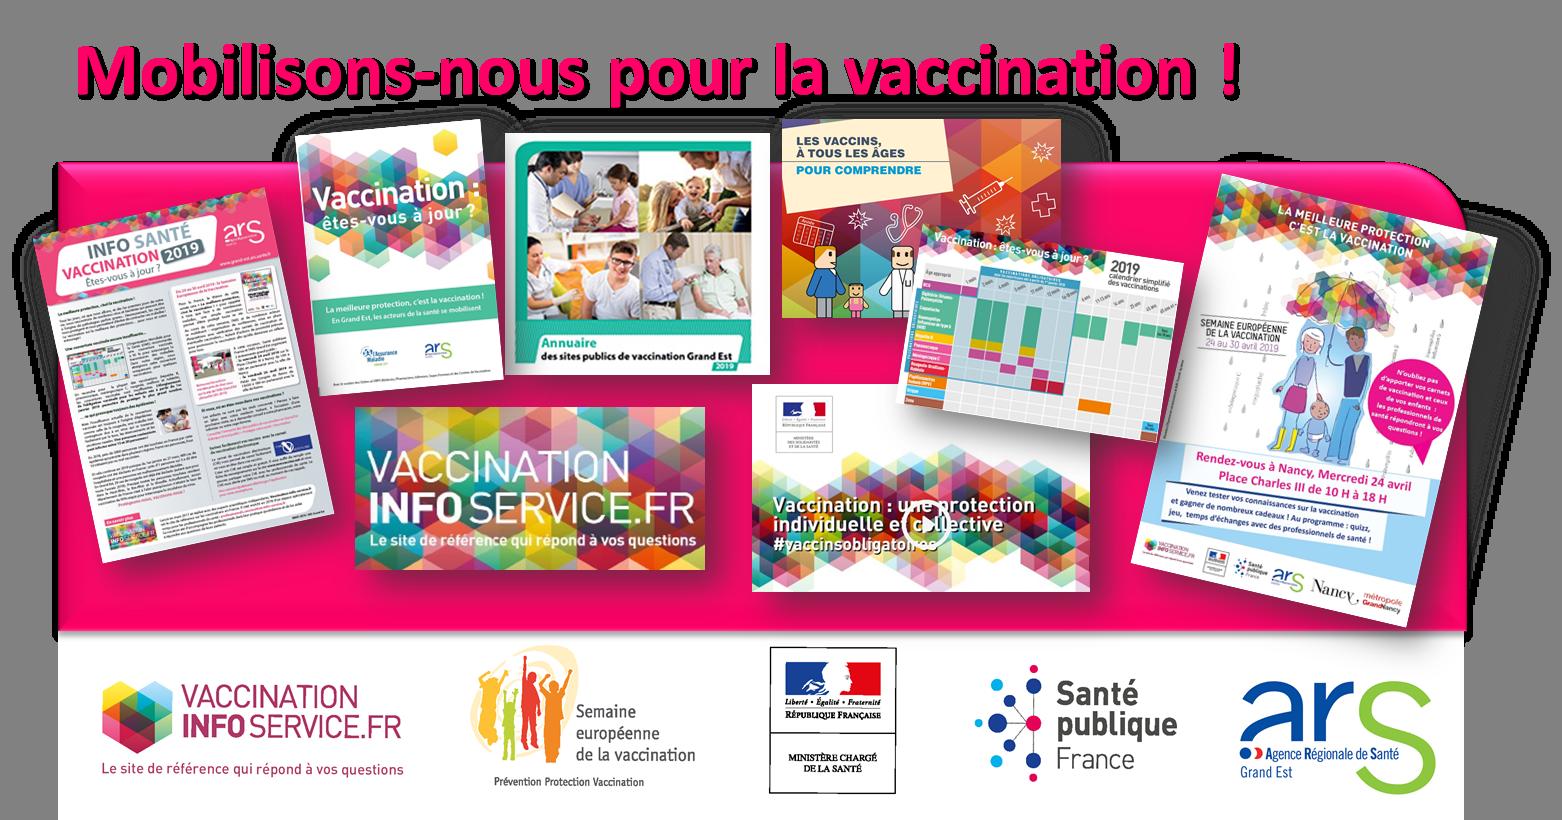 Vaccination Calendrier 2019.Semaine Europeenne De La Vaccination Mobilisons Nous En